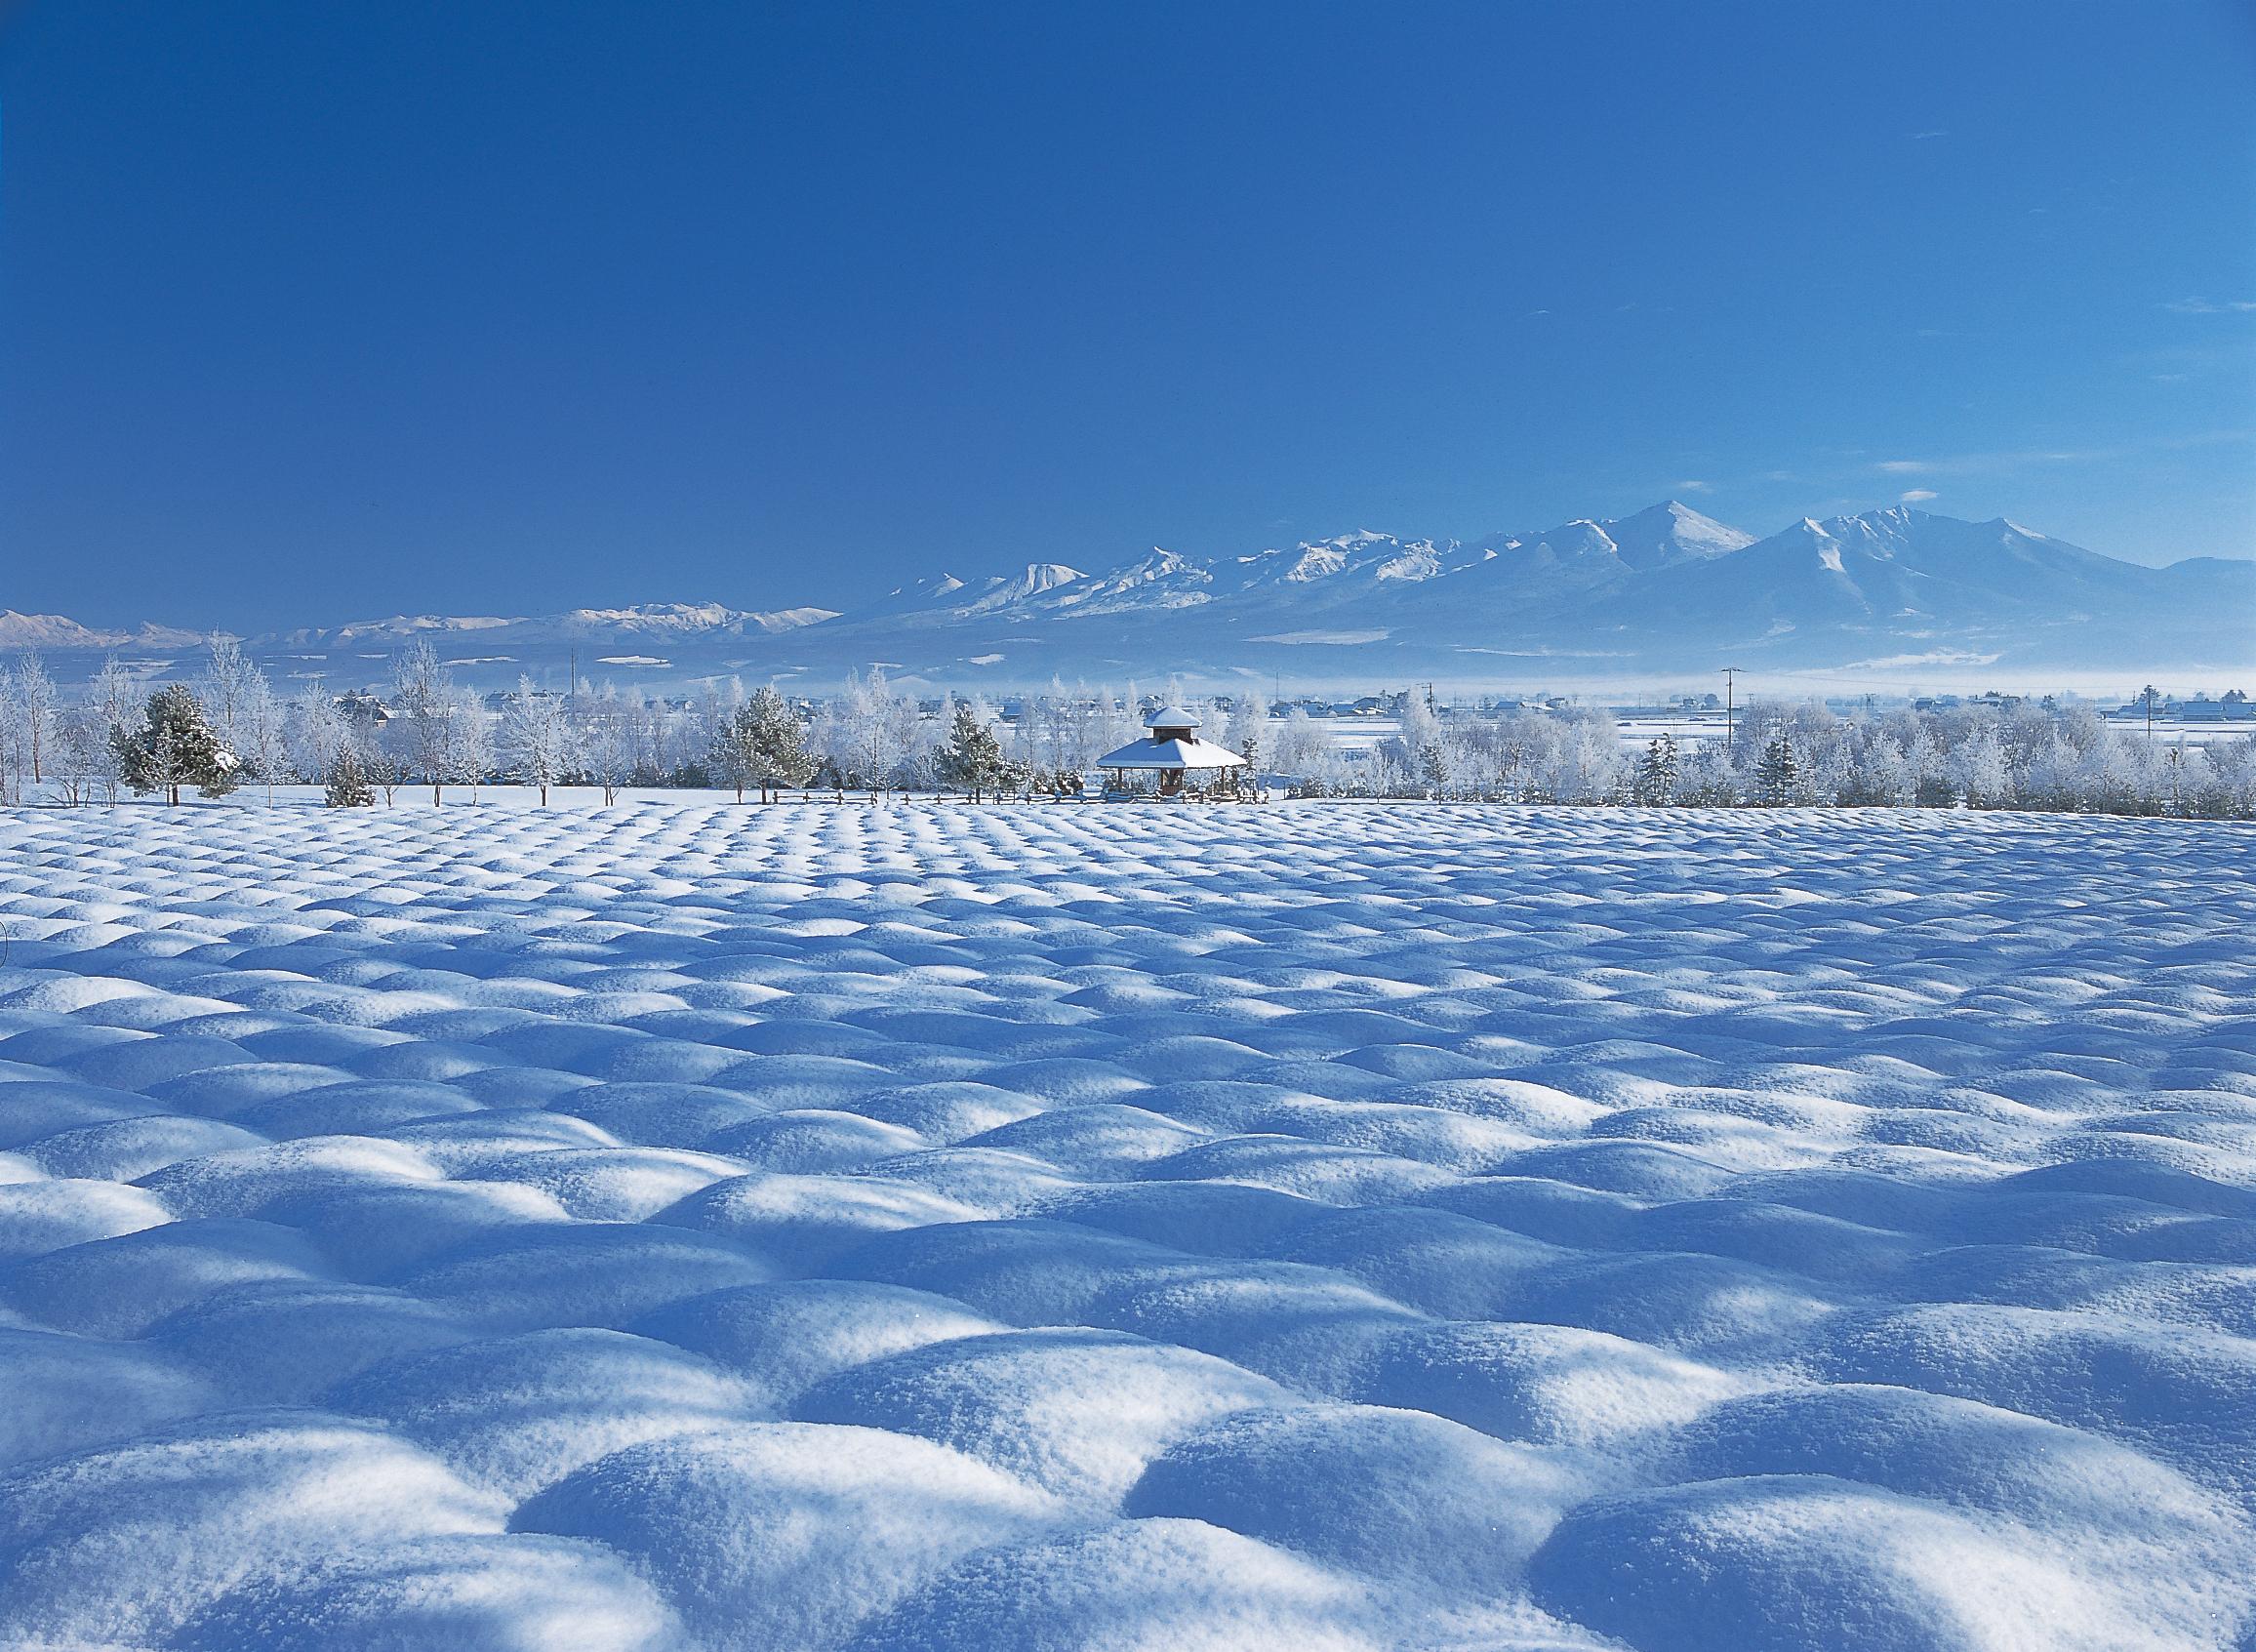 波のような雪原が見られるのは雪が降り始める時期だけ(写真提供は全てファーム富田)